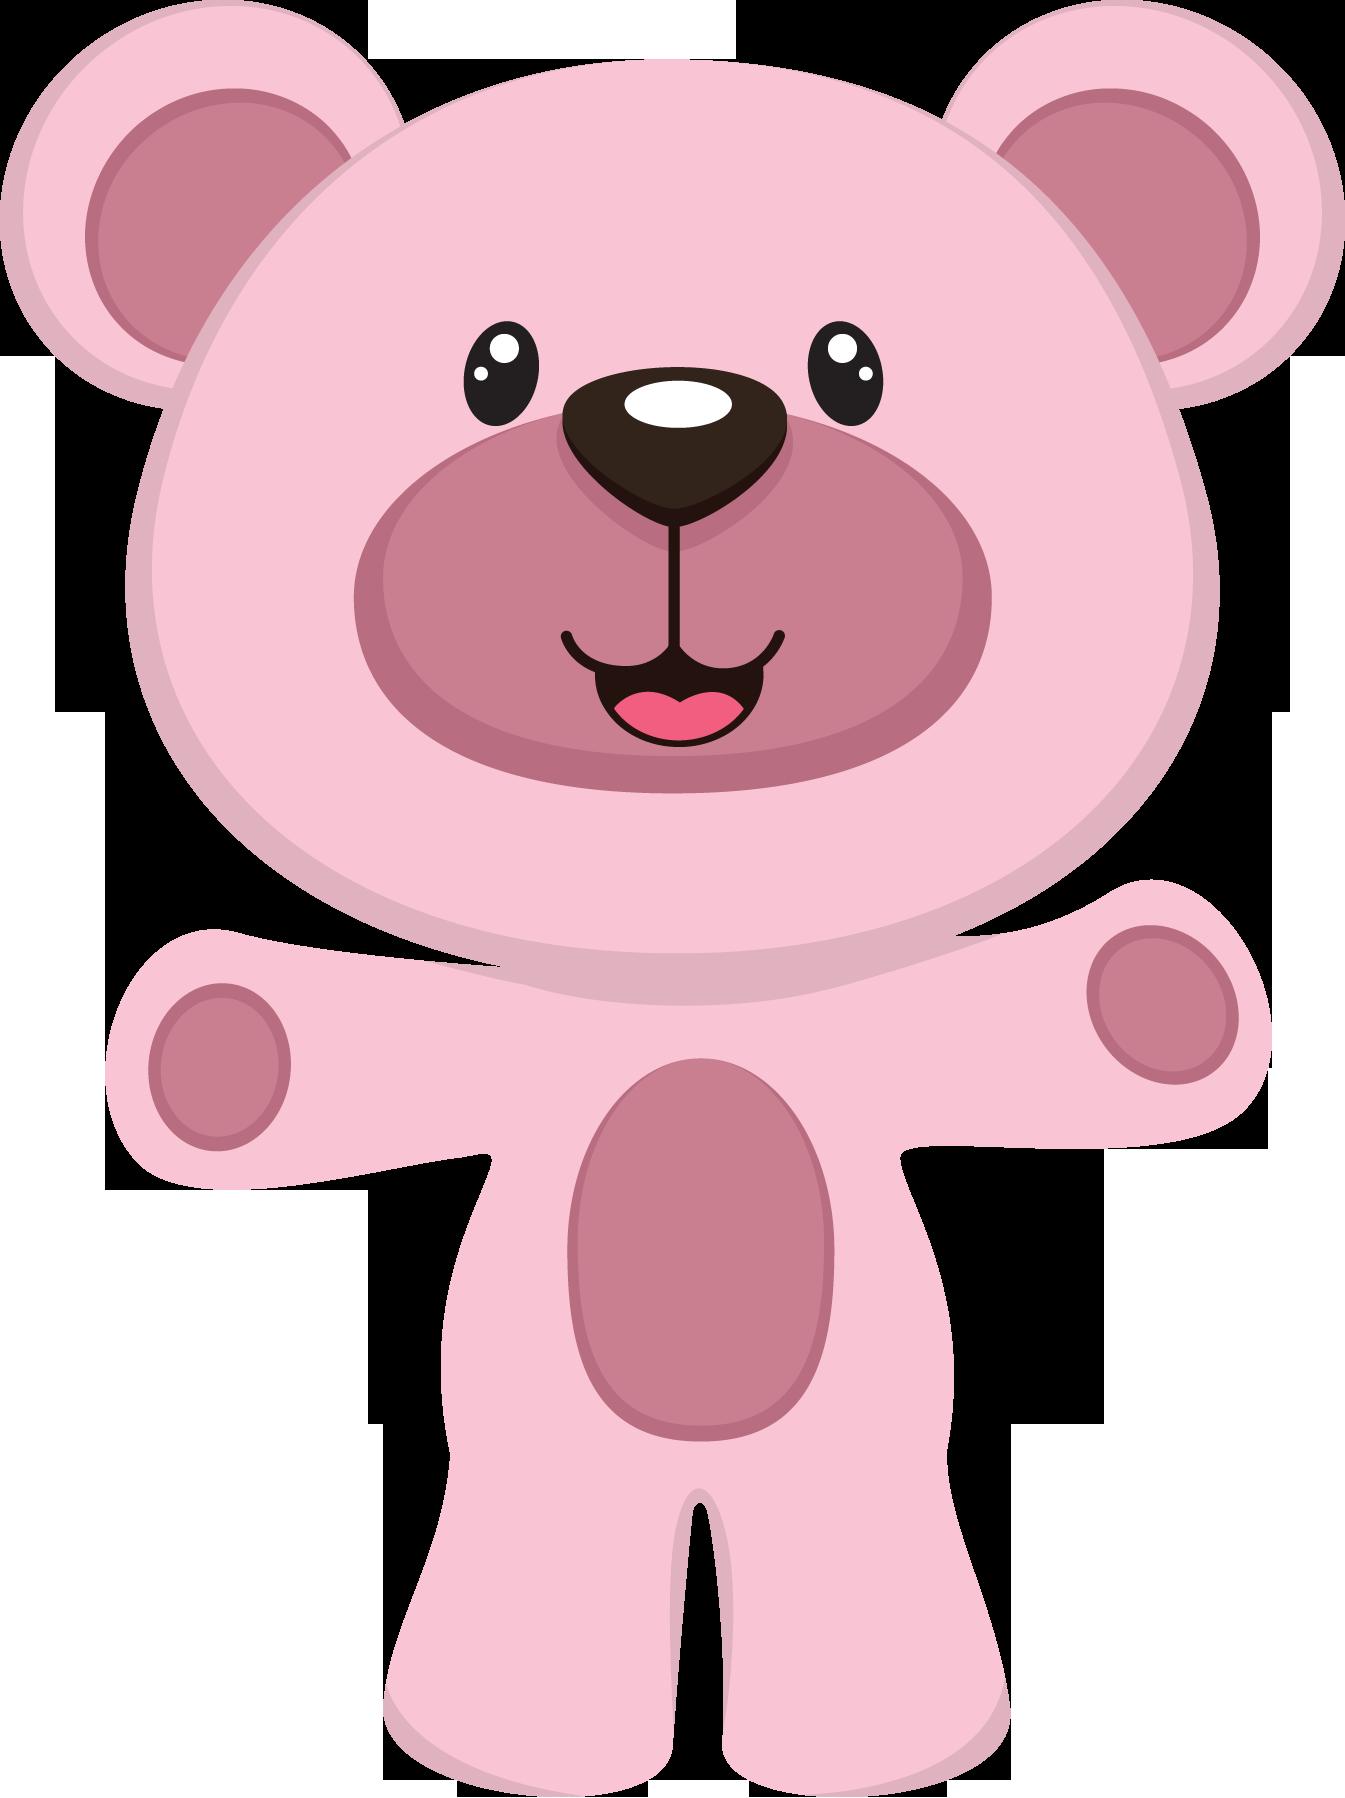 Clipart cake teddy bear. Pin by tamara bouza